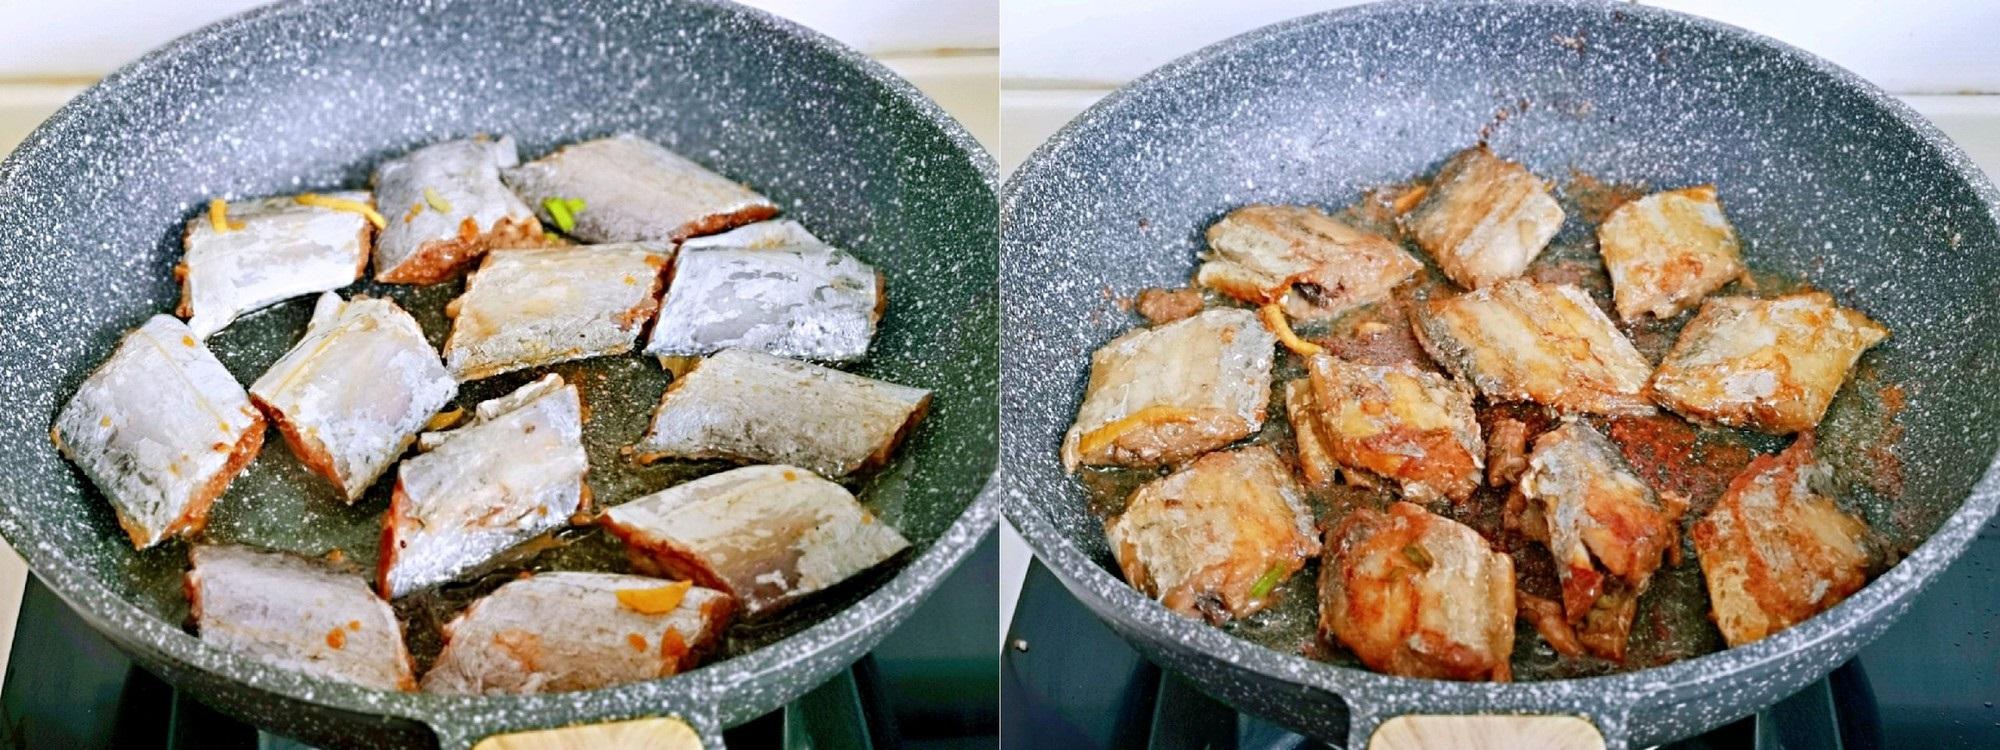 Mỗi lần tôi làm món cá rim mặn này là cơm hết nhanh đến 'hốt hoảng' - Ảnh 3